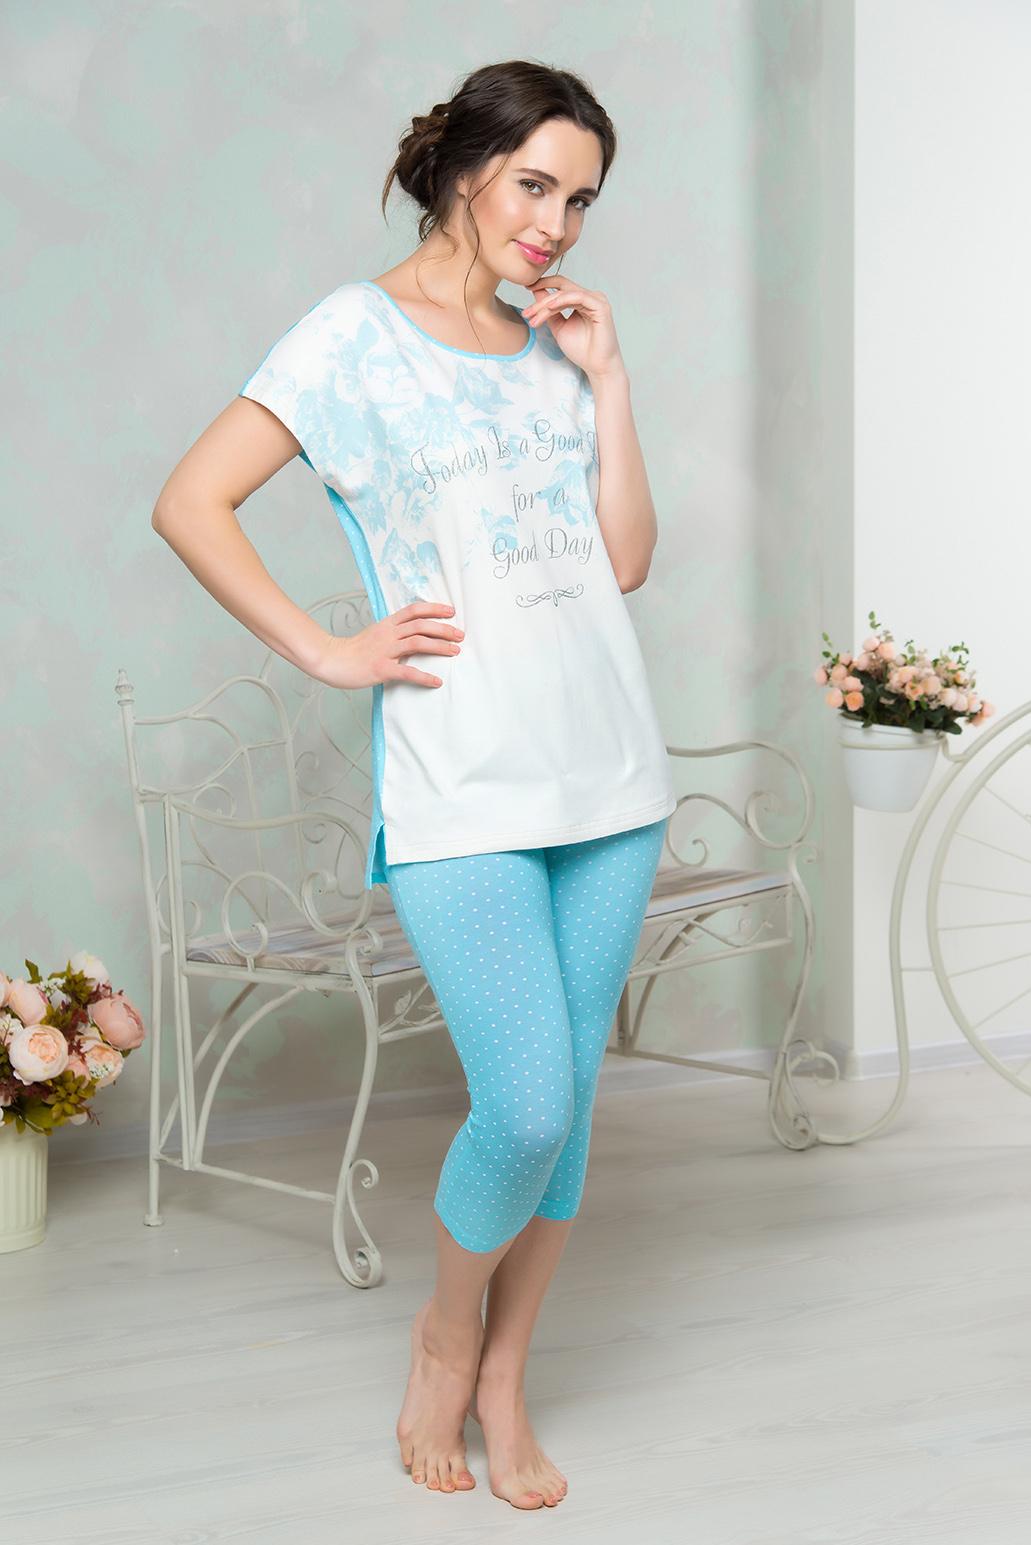 Комплект домашний женский Mia Cara: футболка, капри, цвет: голубой. AW16-MCUZ-847. Размер 46/48AW16-MCUZ-847Комплект домашний одежды Mia Cara состоит из футболки и брюк-капри. Модель выполнена из высококачественного хлопка с добавлением эластана. Футболка с круглой горловиной дополнена принтом с надписями и небольшими разрезами по бокам. Капри оформлены рисунком в горошек.